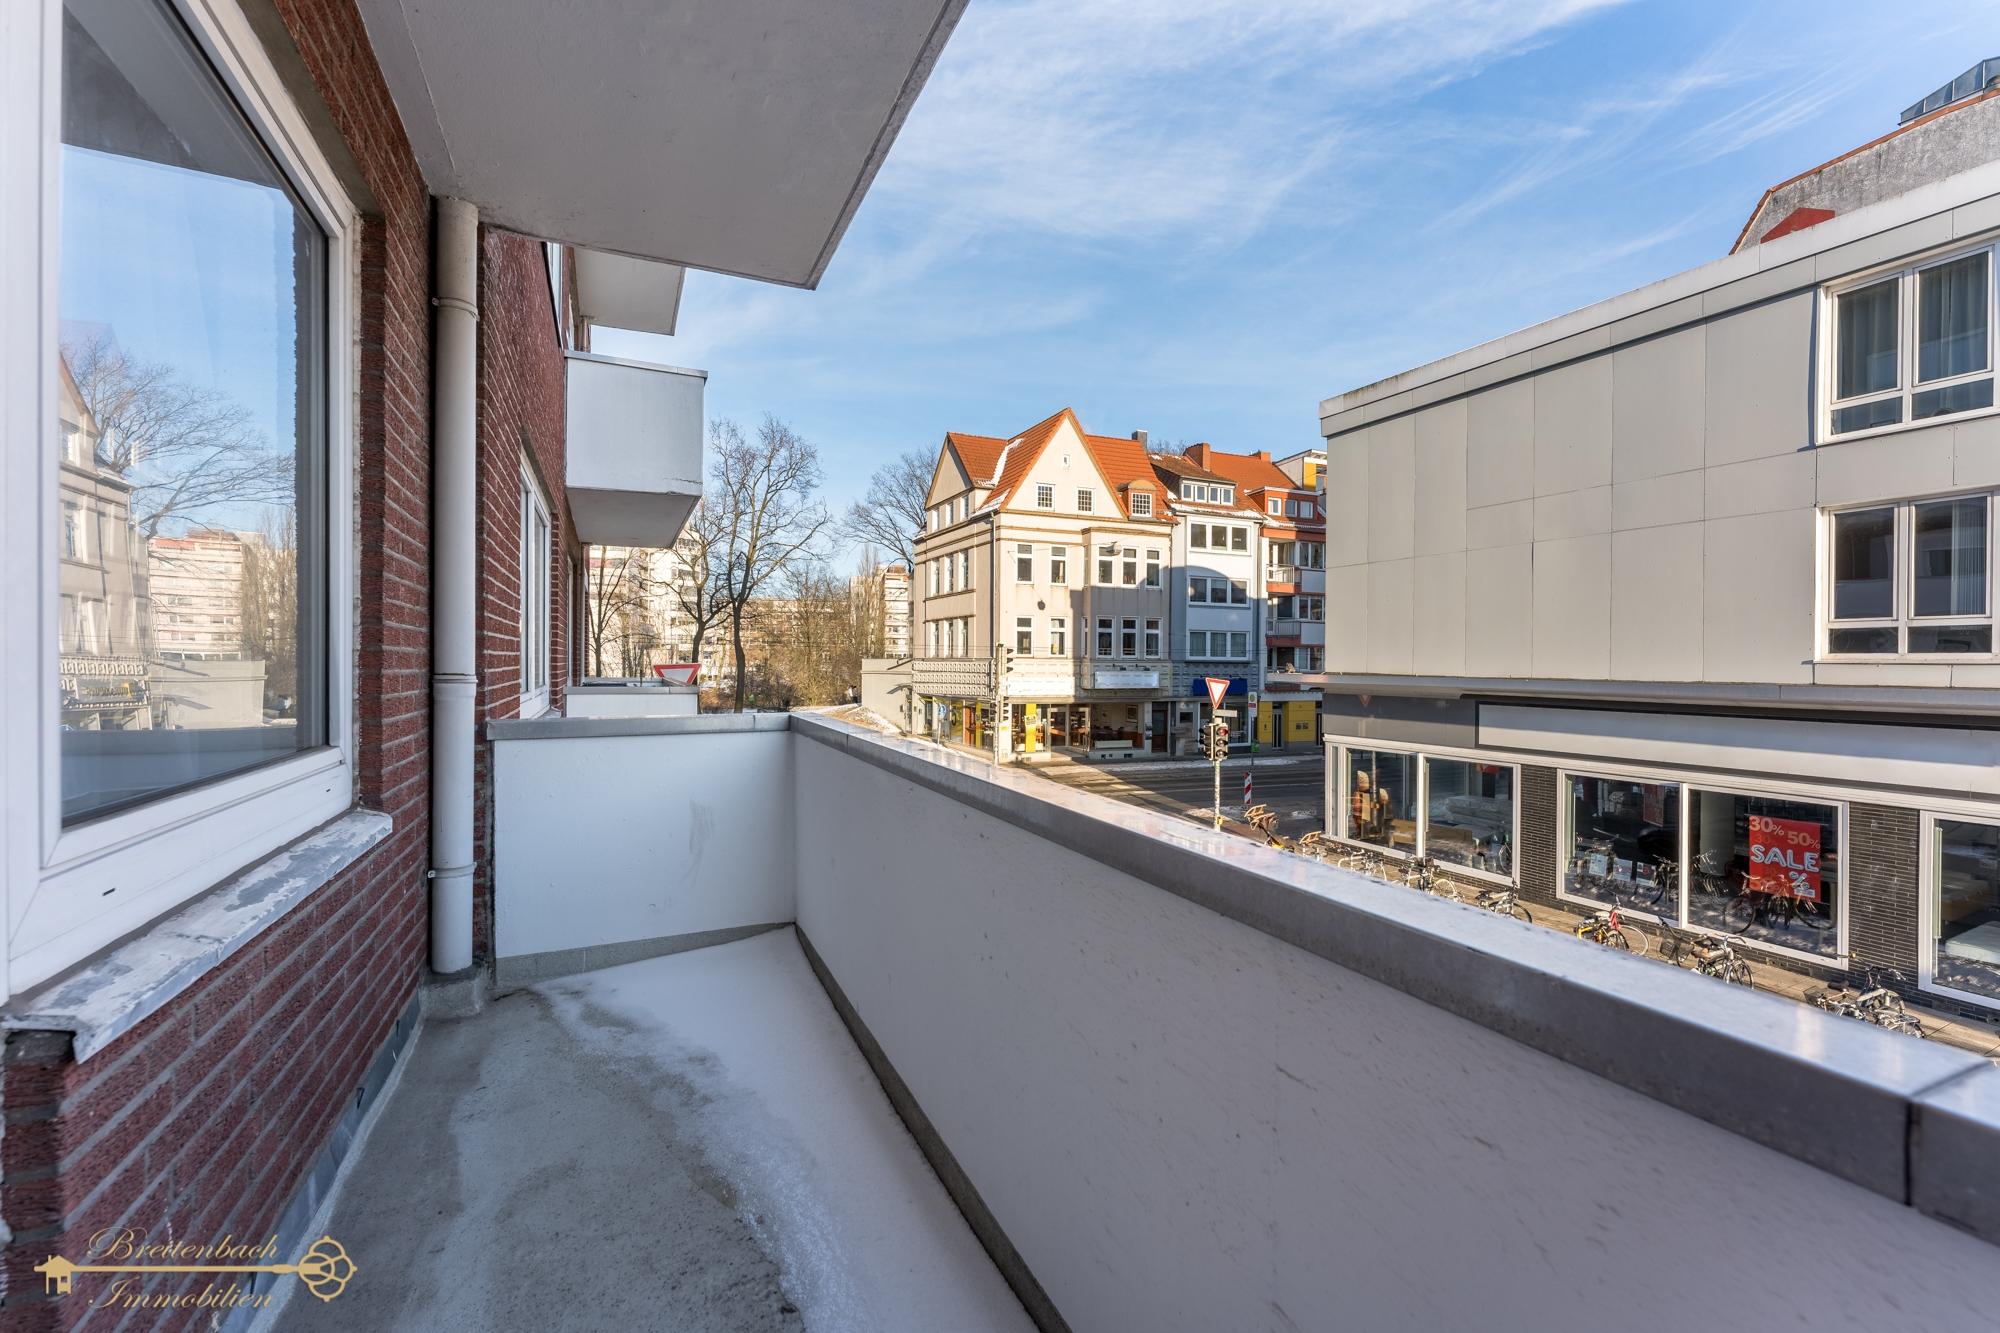 2021-02-14-Breitenbach-Immobilien-Makler-Bremen-8